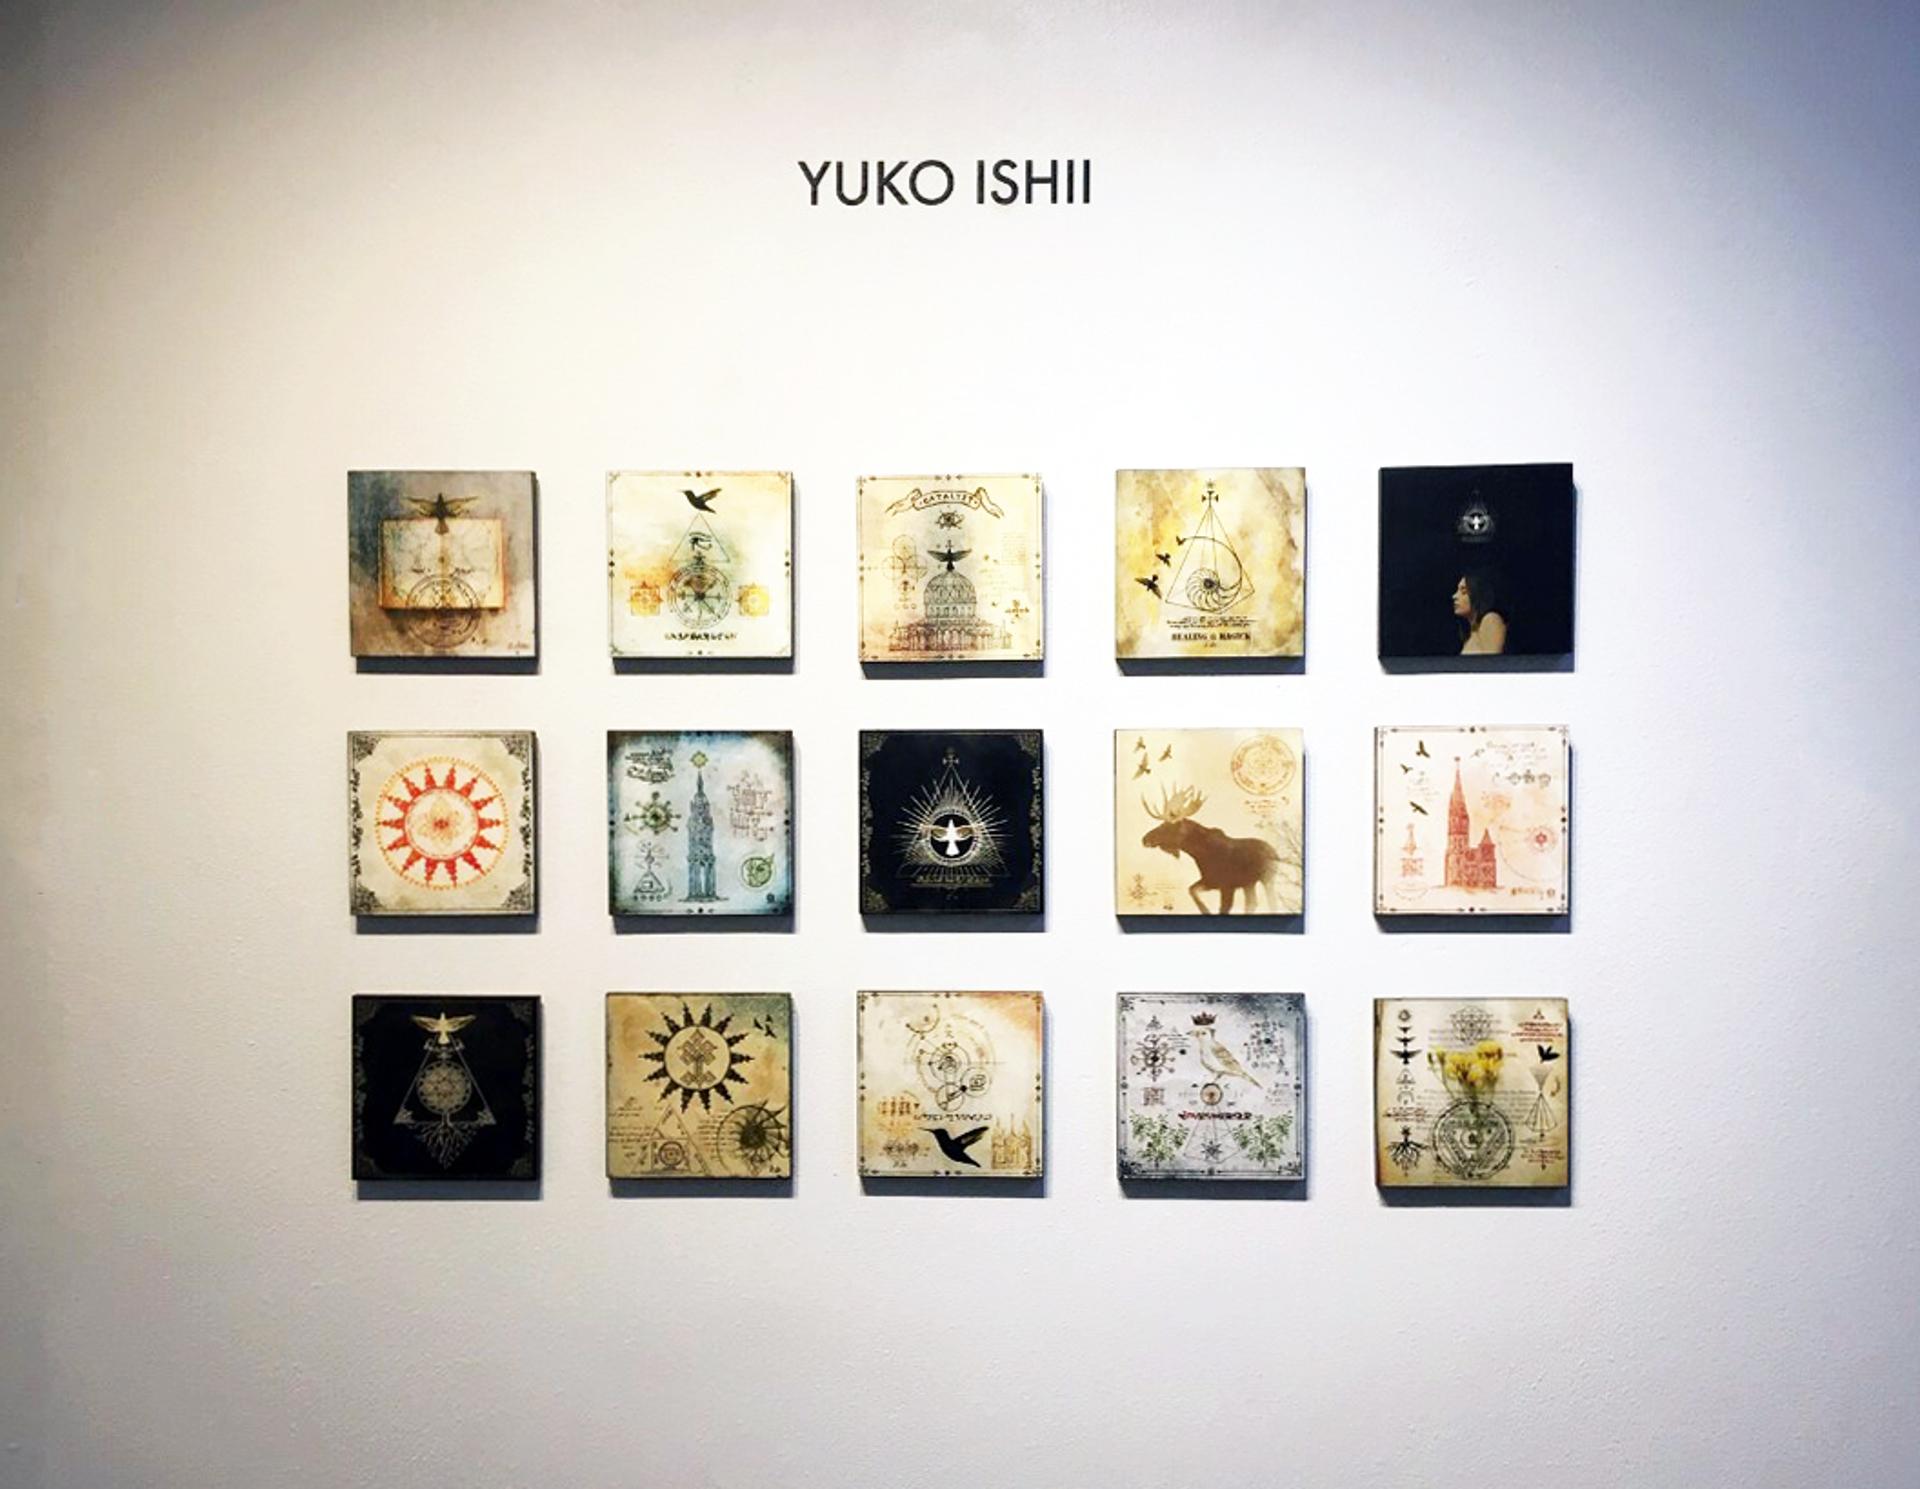 Tree of Life II by Yuko Ishii